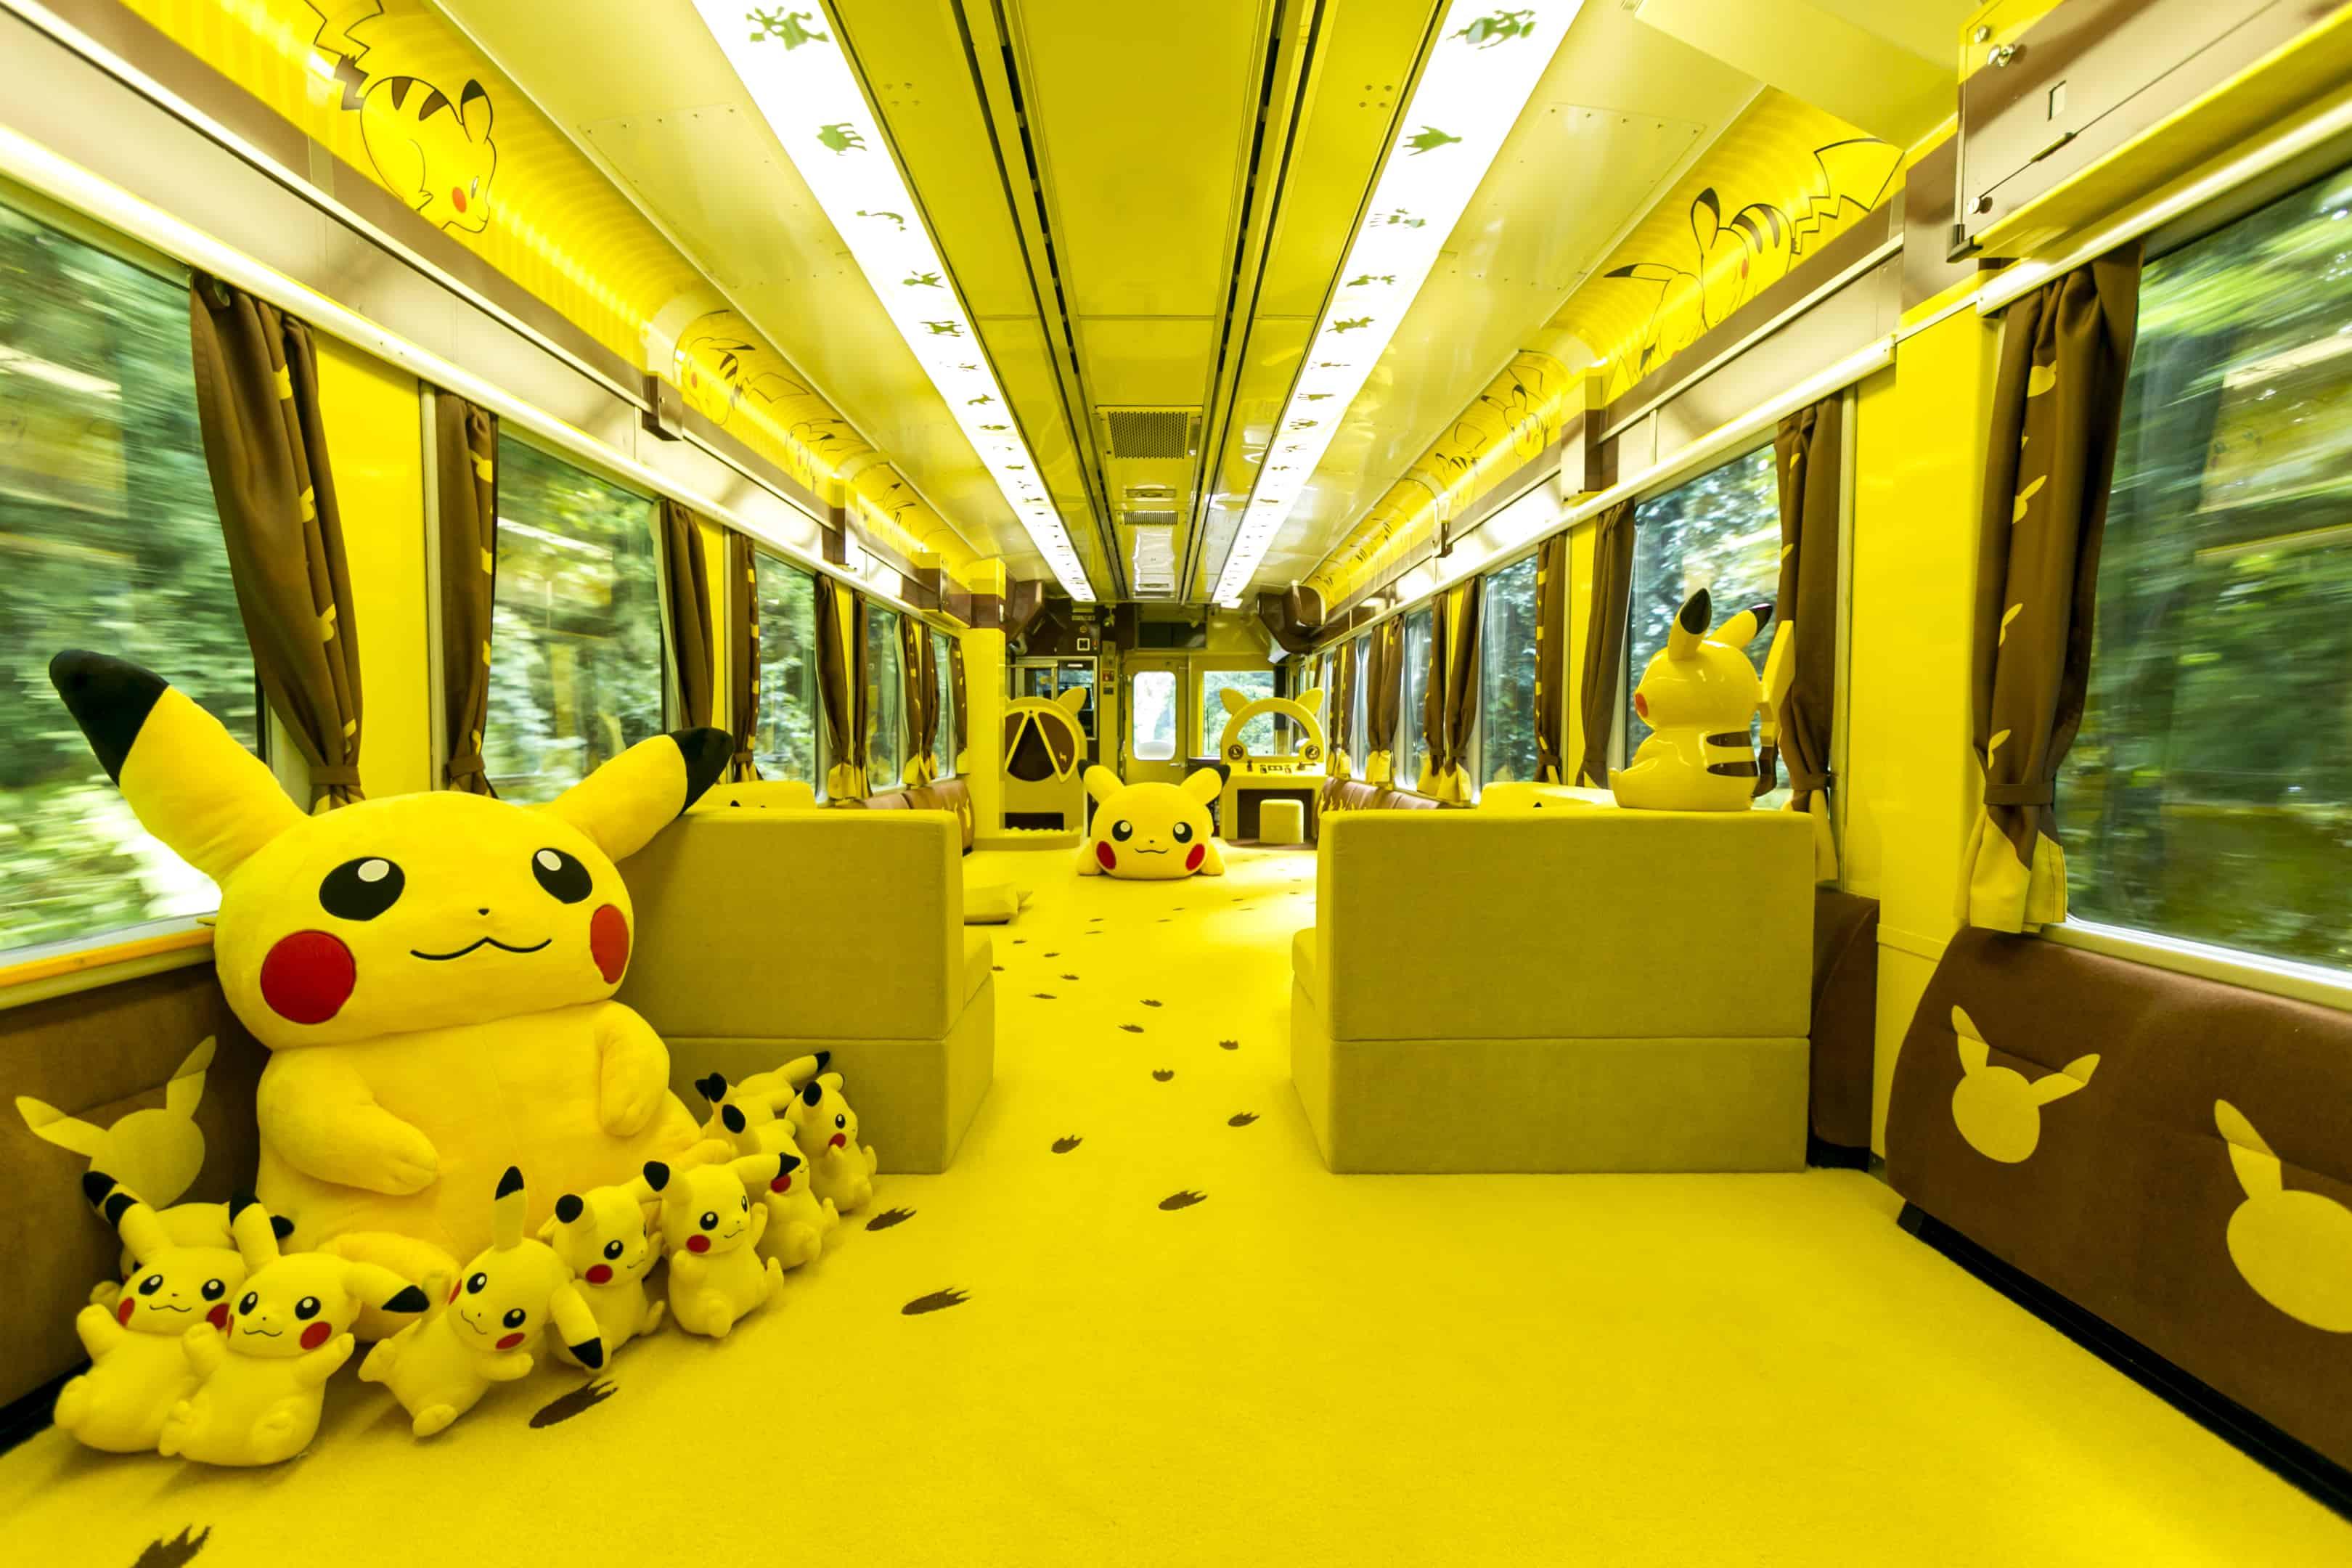 โบกี้ Playroom ที่สามารถเล่นกับตุ๊กตาปิกะจูได้